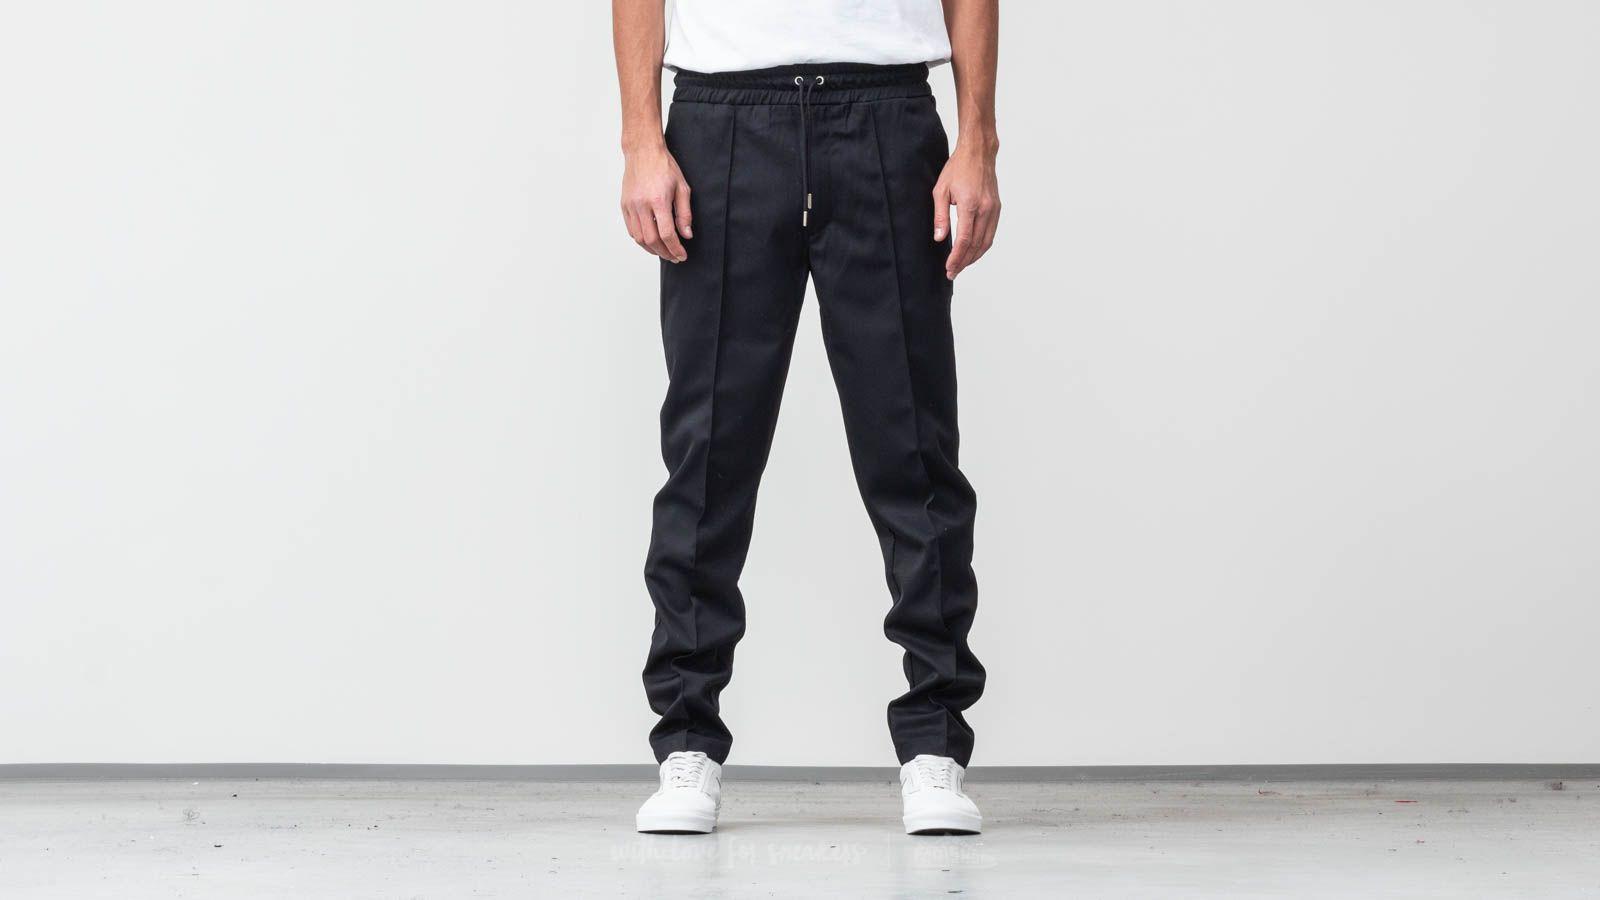 AXEL ARIGATO Kuro Trousers Black za skvělou cenu 1 620 Kč koupíte na Footshop.cz